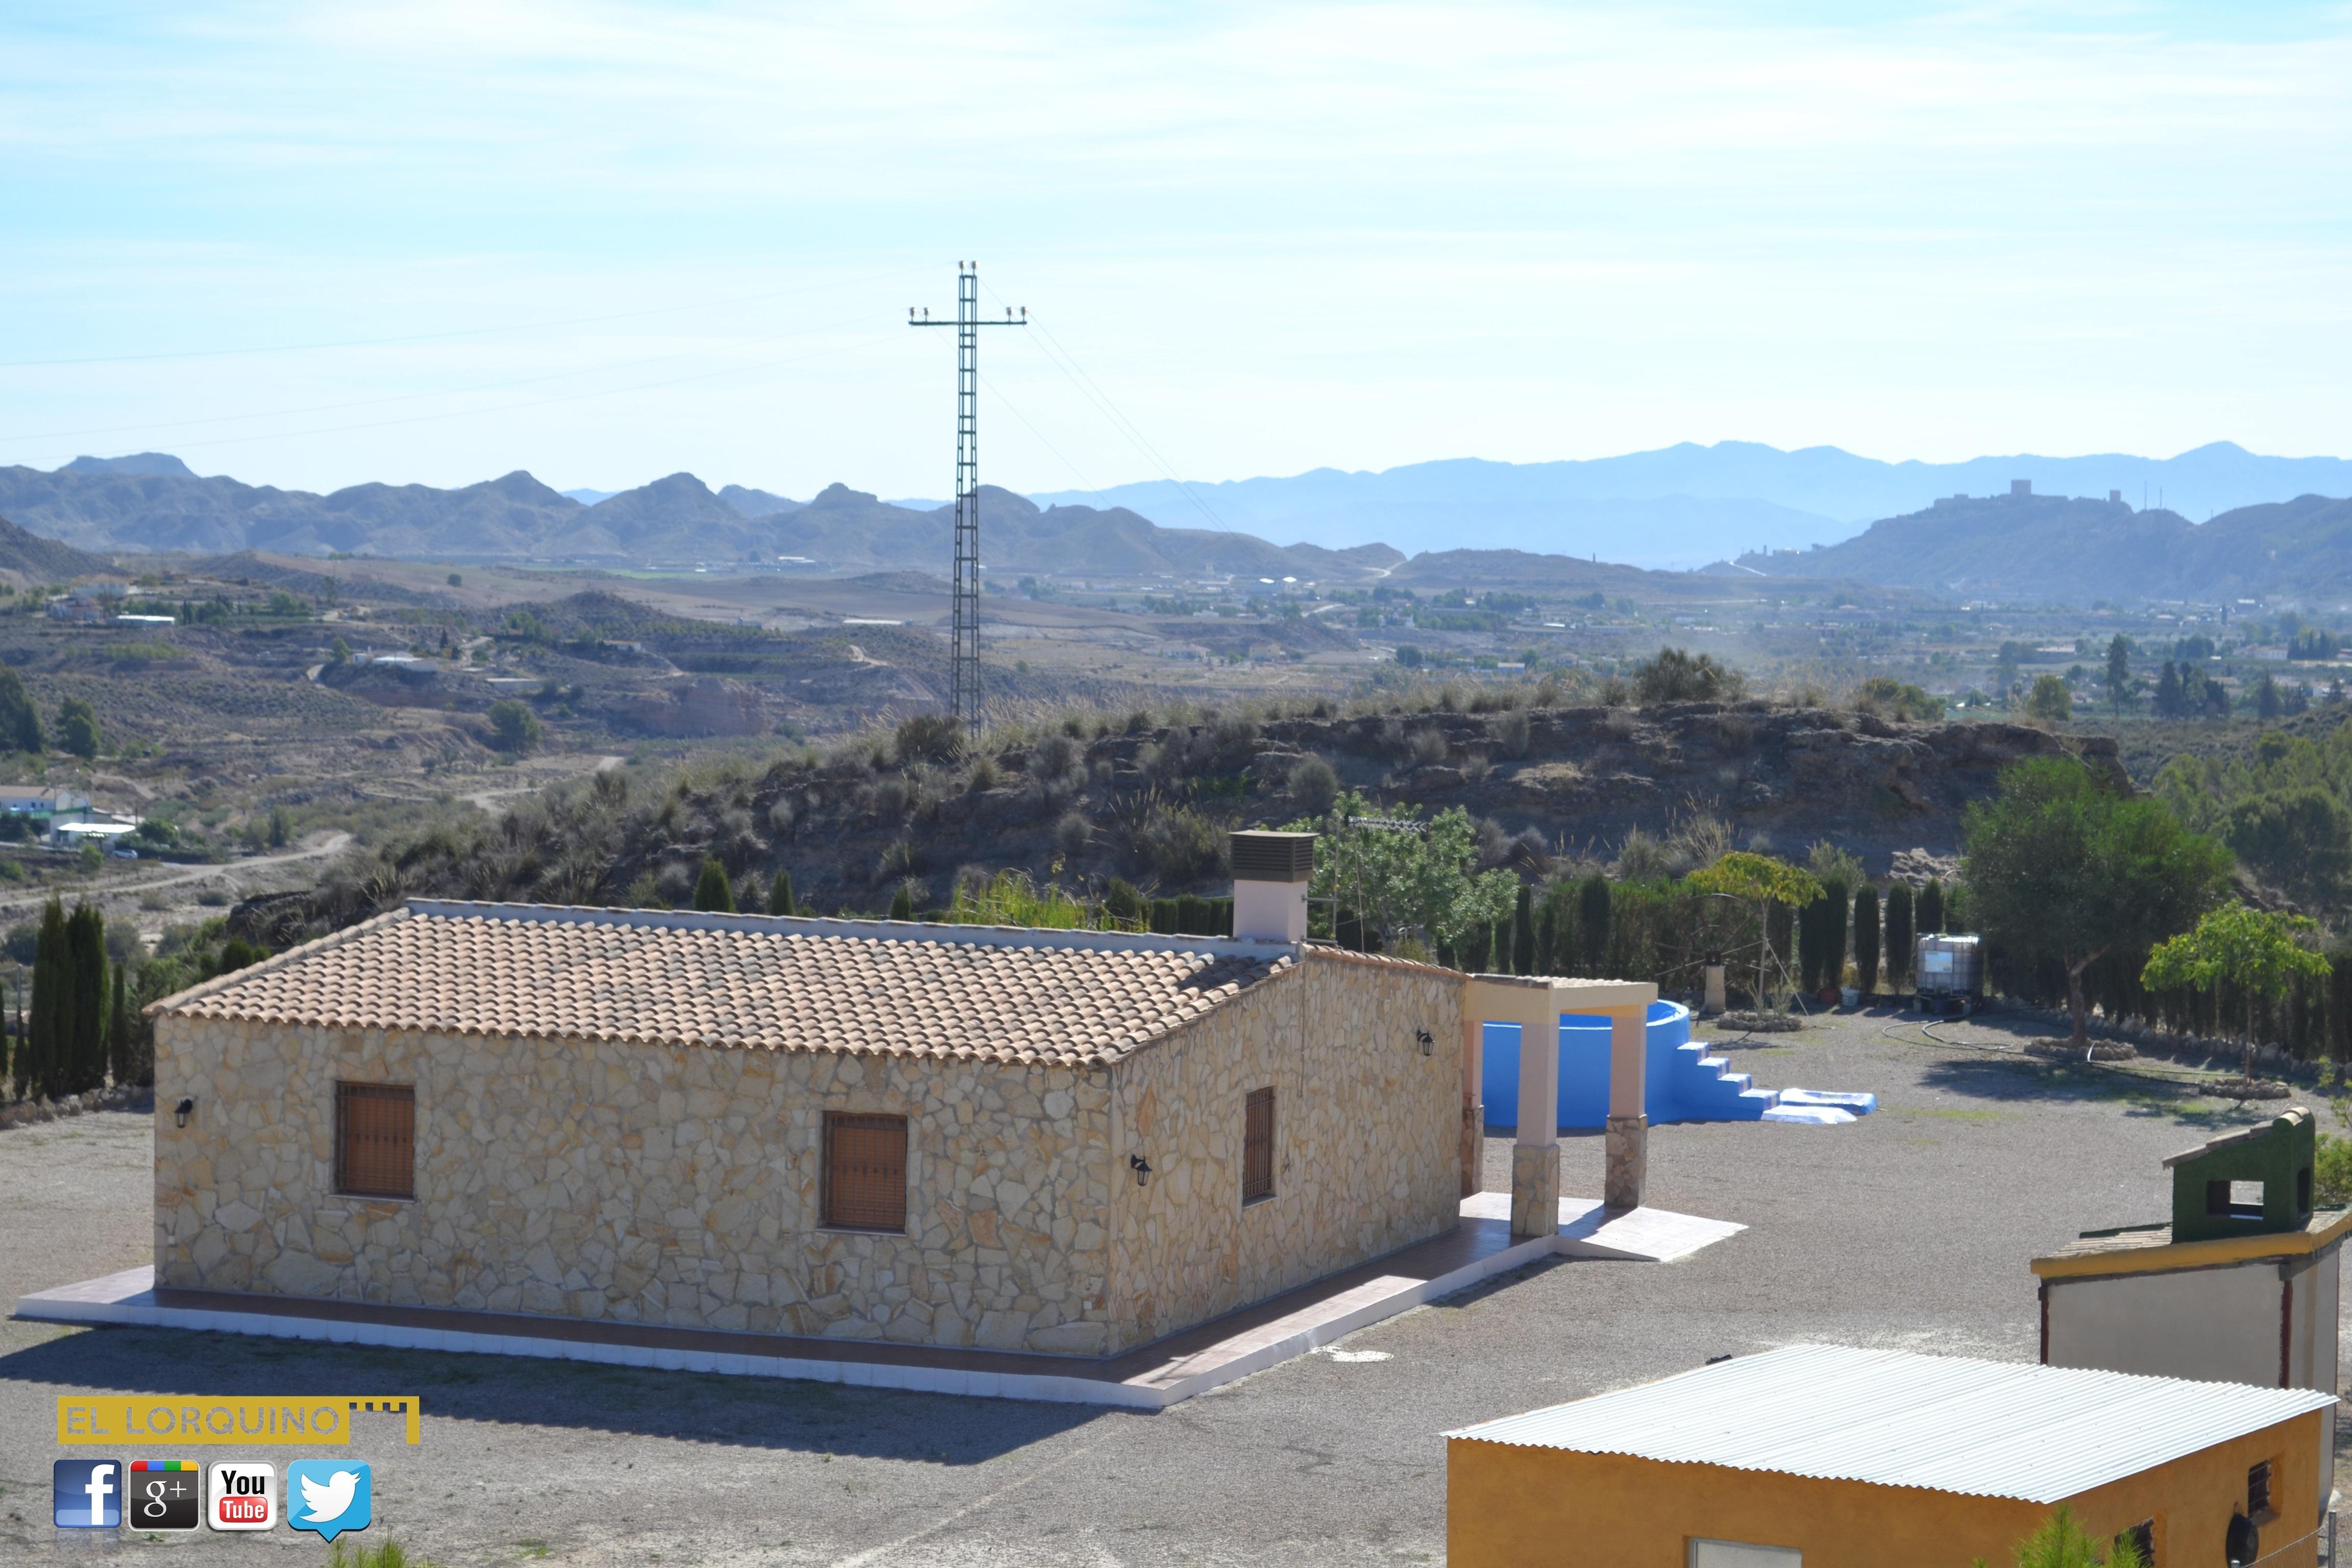 Se vende casa con terreno en el consejero lorca murcia - Casa con terreno murcia ...